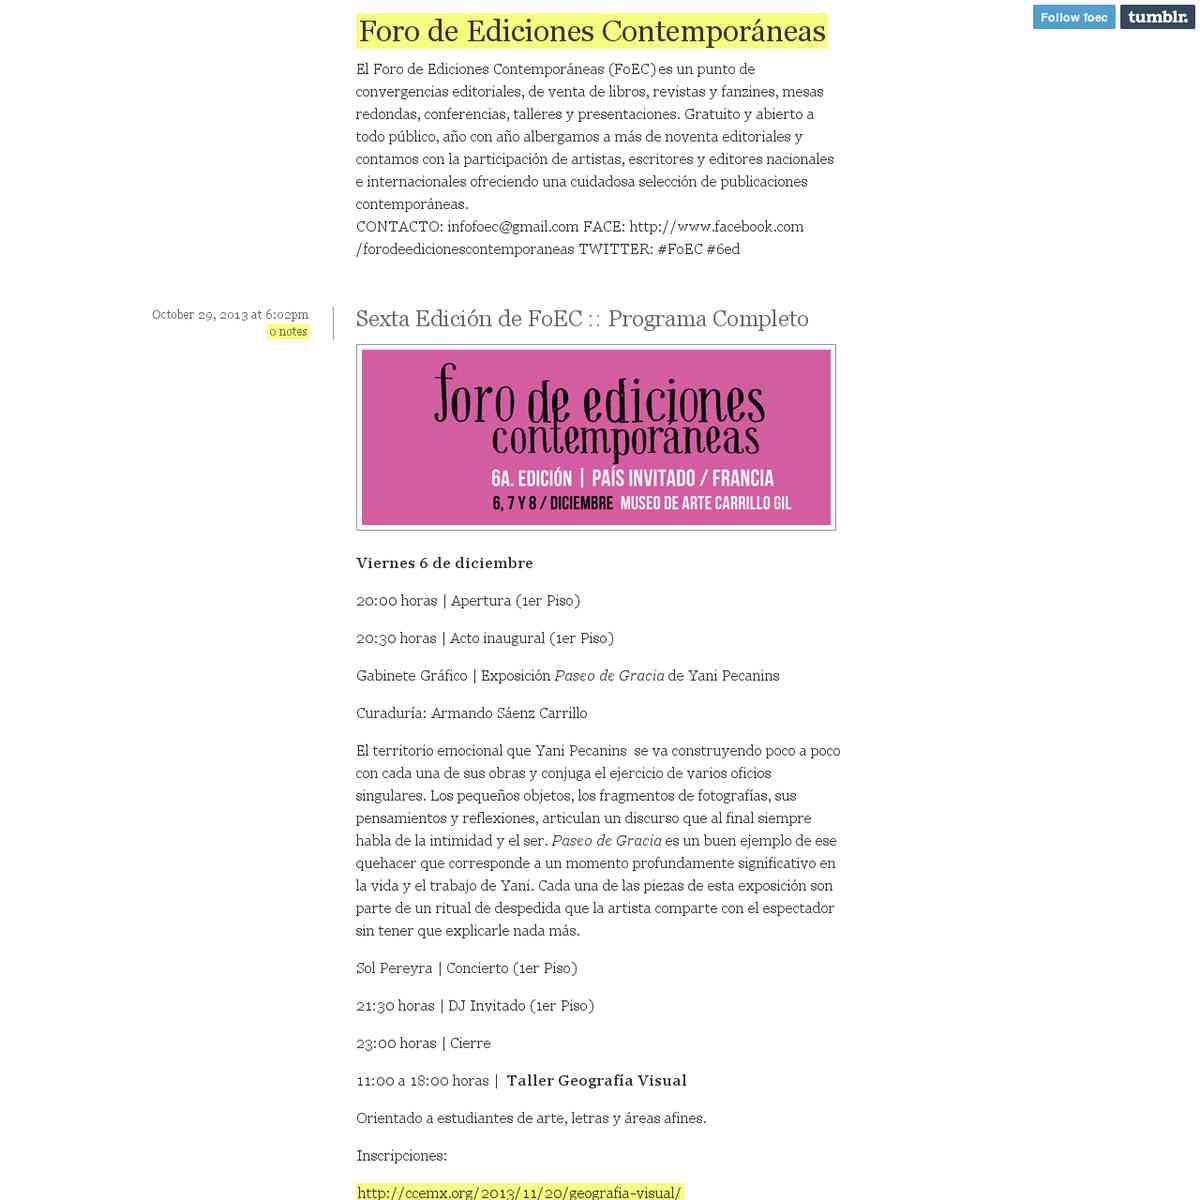 Del 6 al 8 de diciembre. Foro de Ediciones Contemporáneas